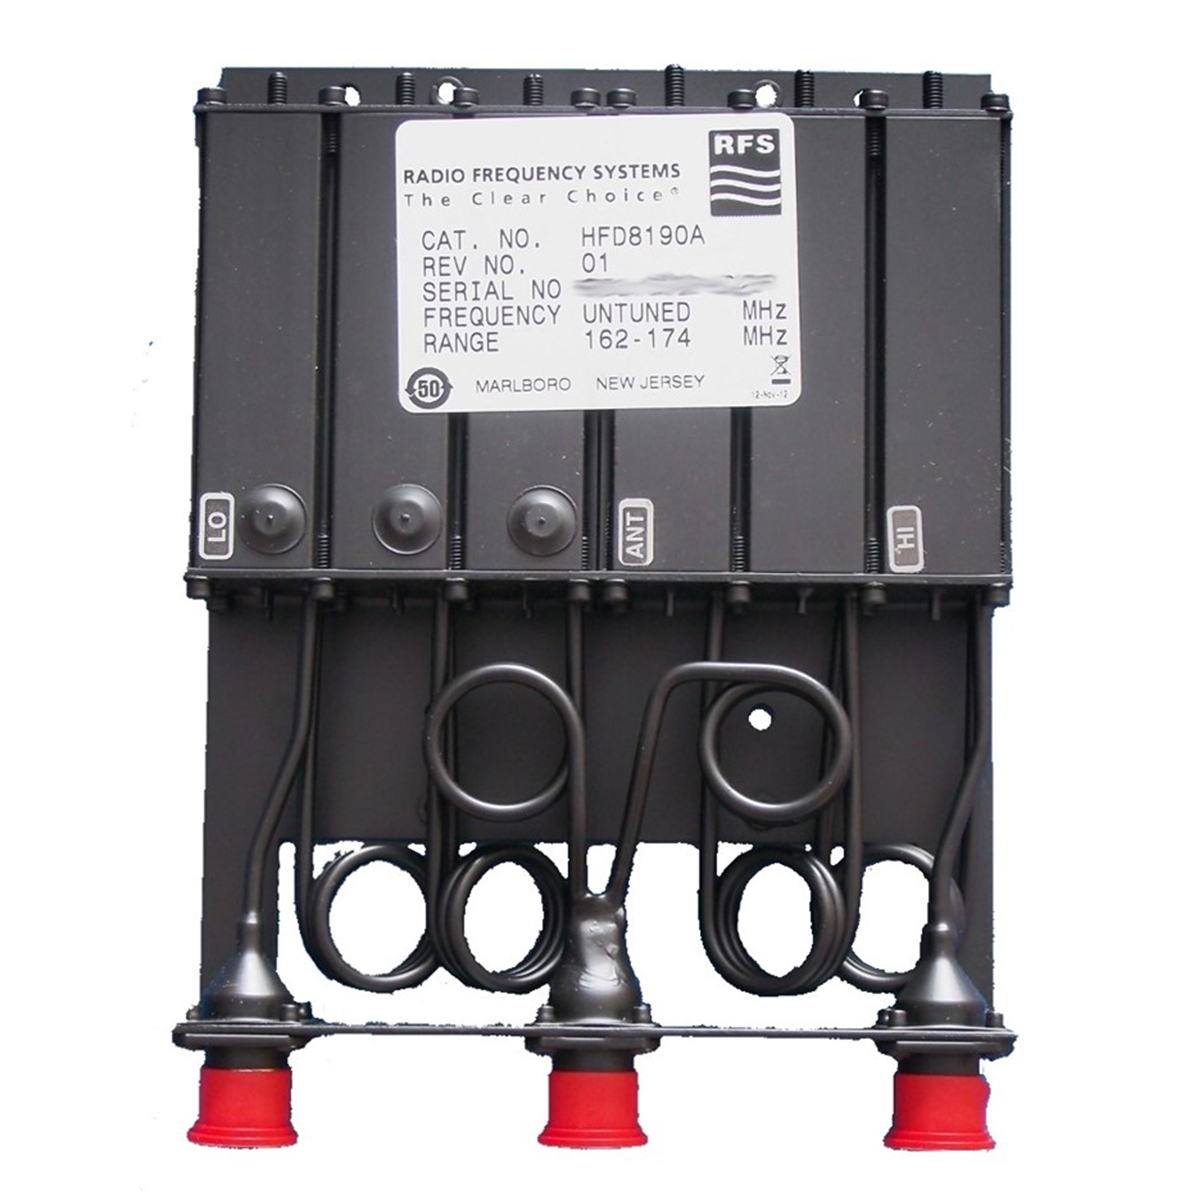 Duplexer RFS para repetidora HFD8190A